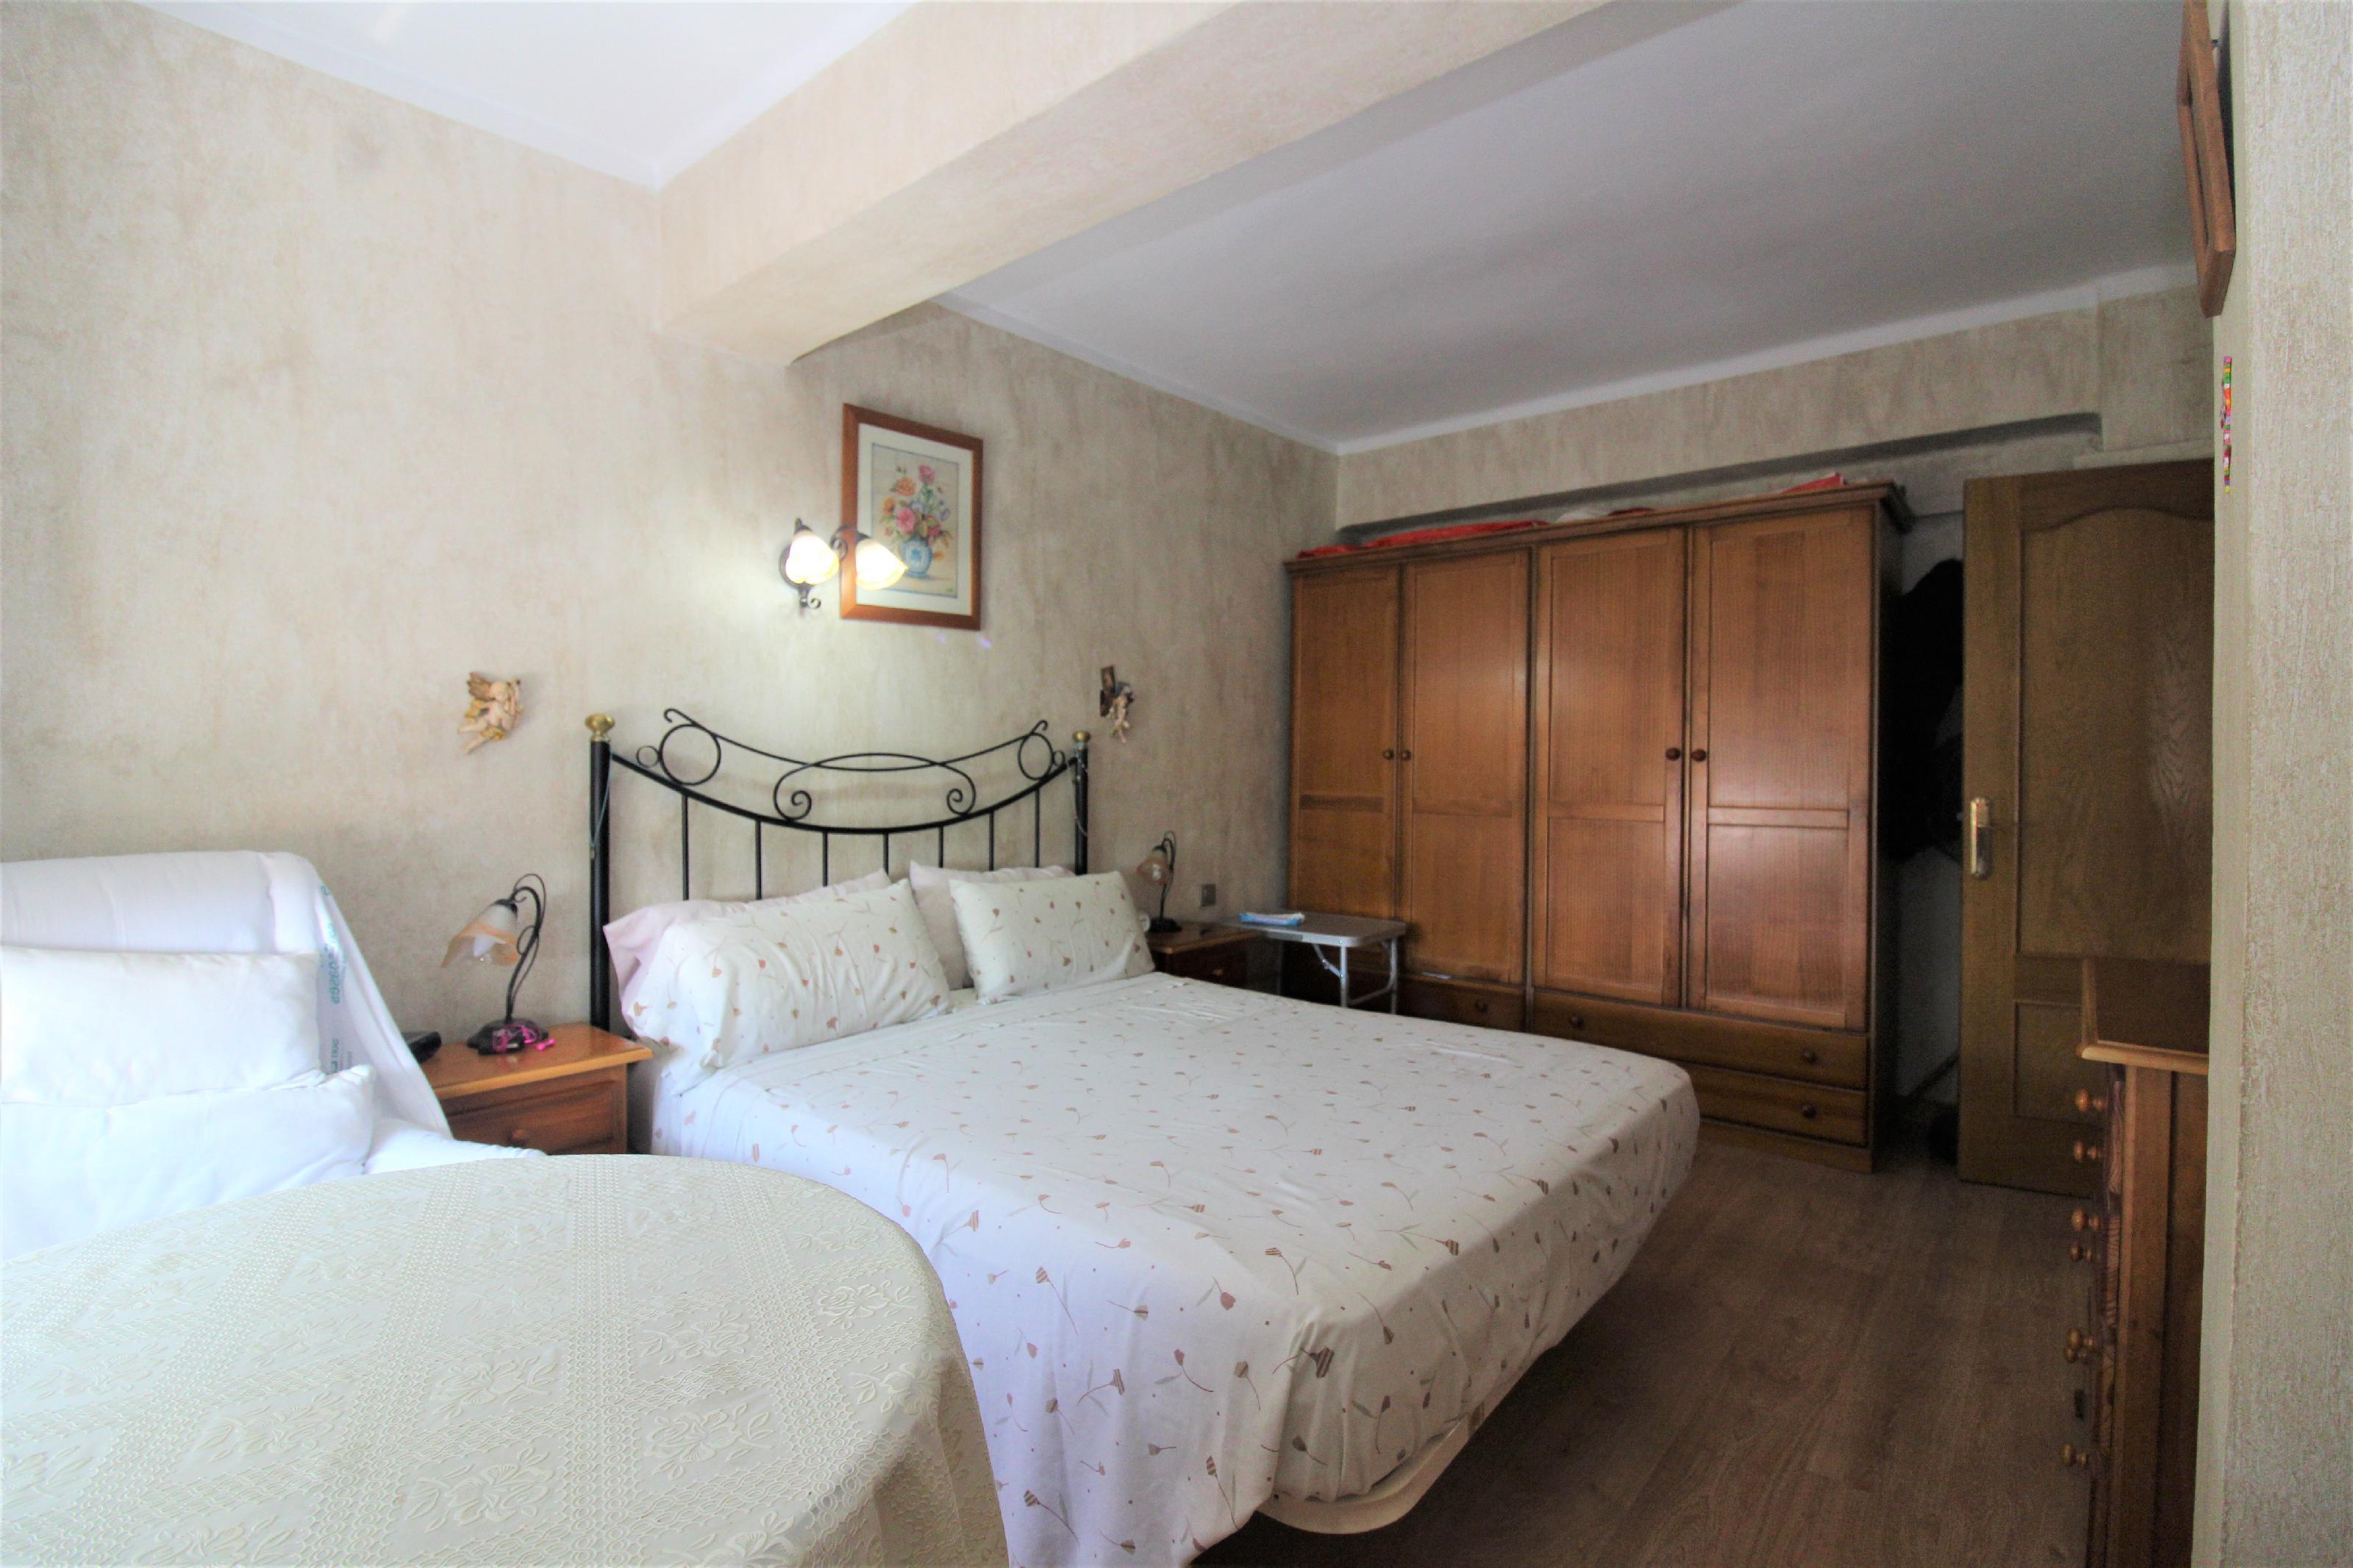 Imagen 4 Piso en venta en Palma / Es Rafal - cerca de Via Cintura